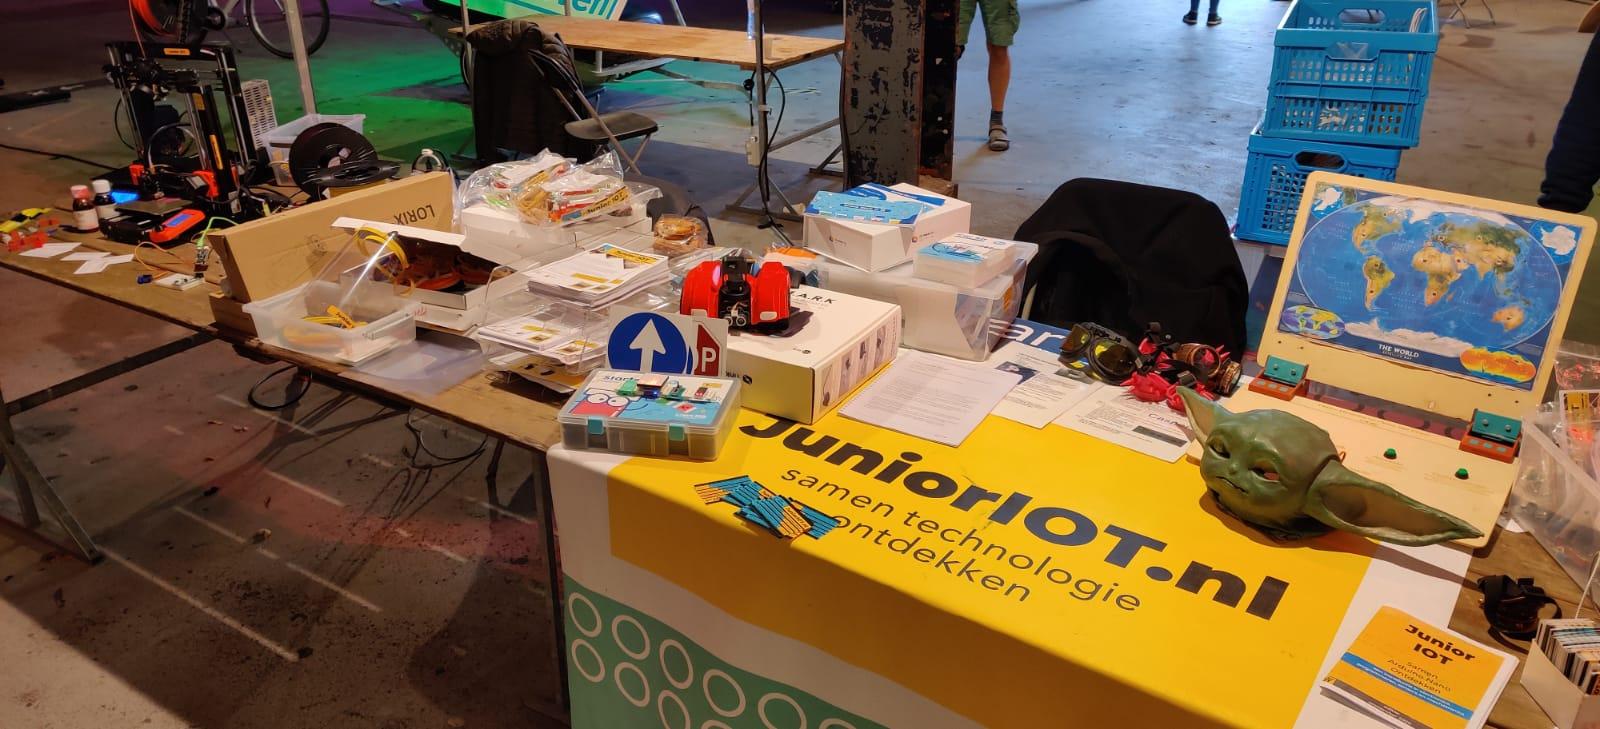 Stichting Junior IOT naar de Eindhoven Maker Faire 2020